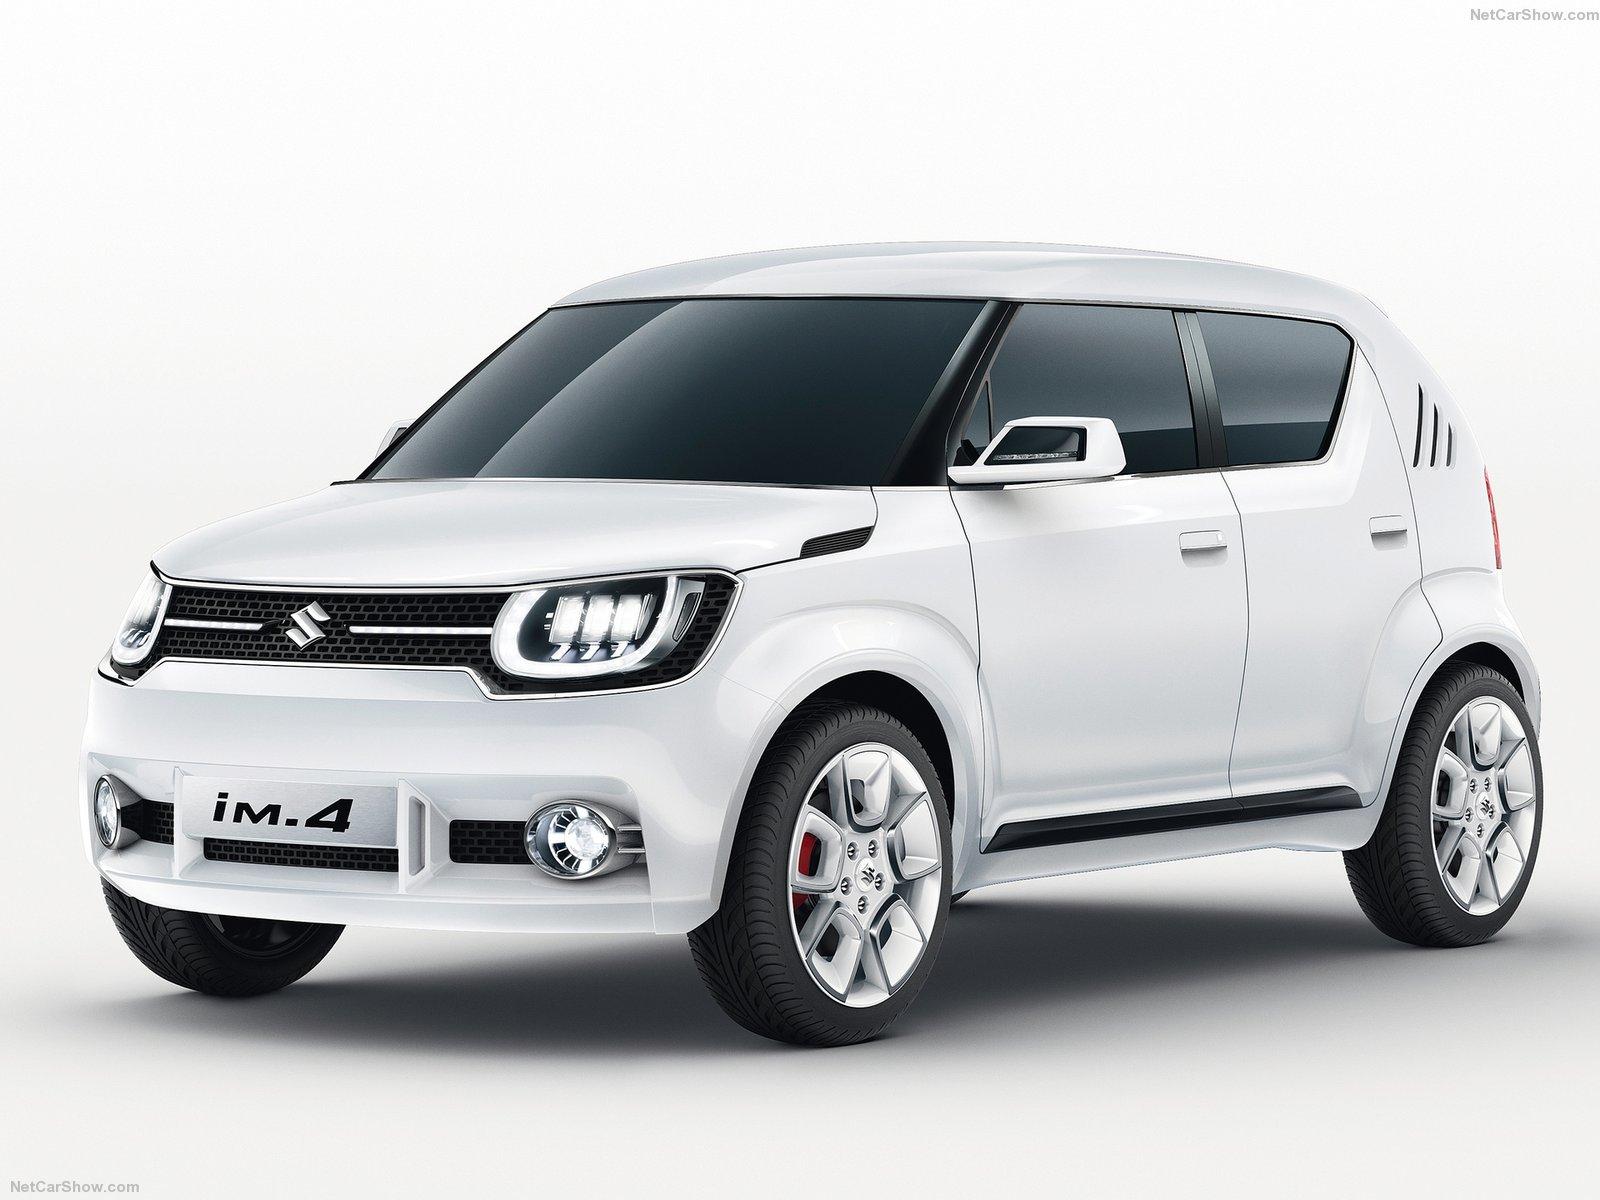 Hình ảnh xe ô tô Suzuki iM-4 Concept 2015 & nội ngoại thất